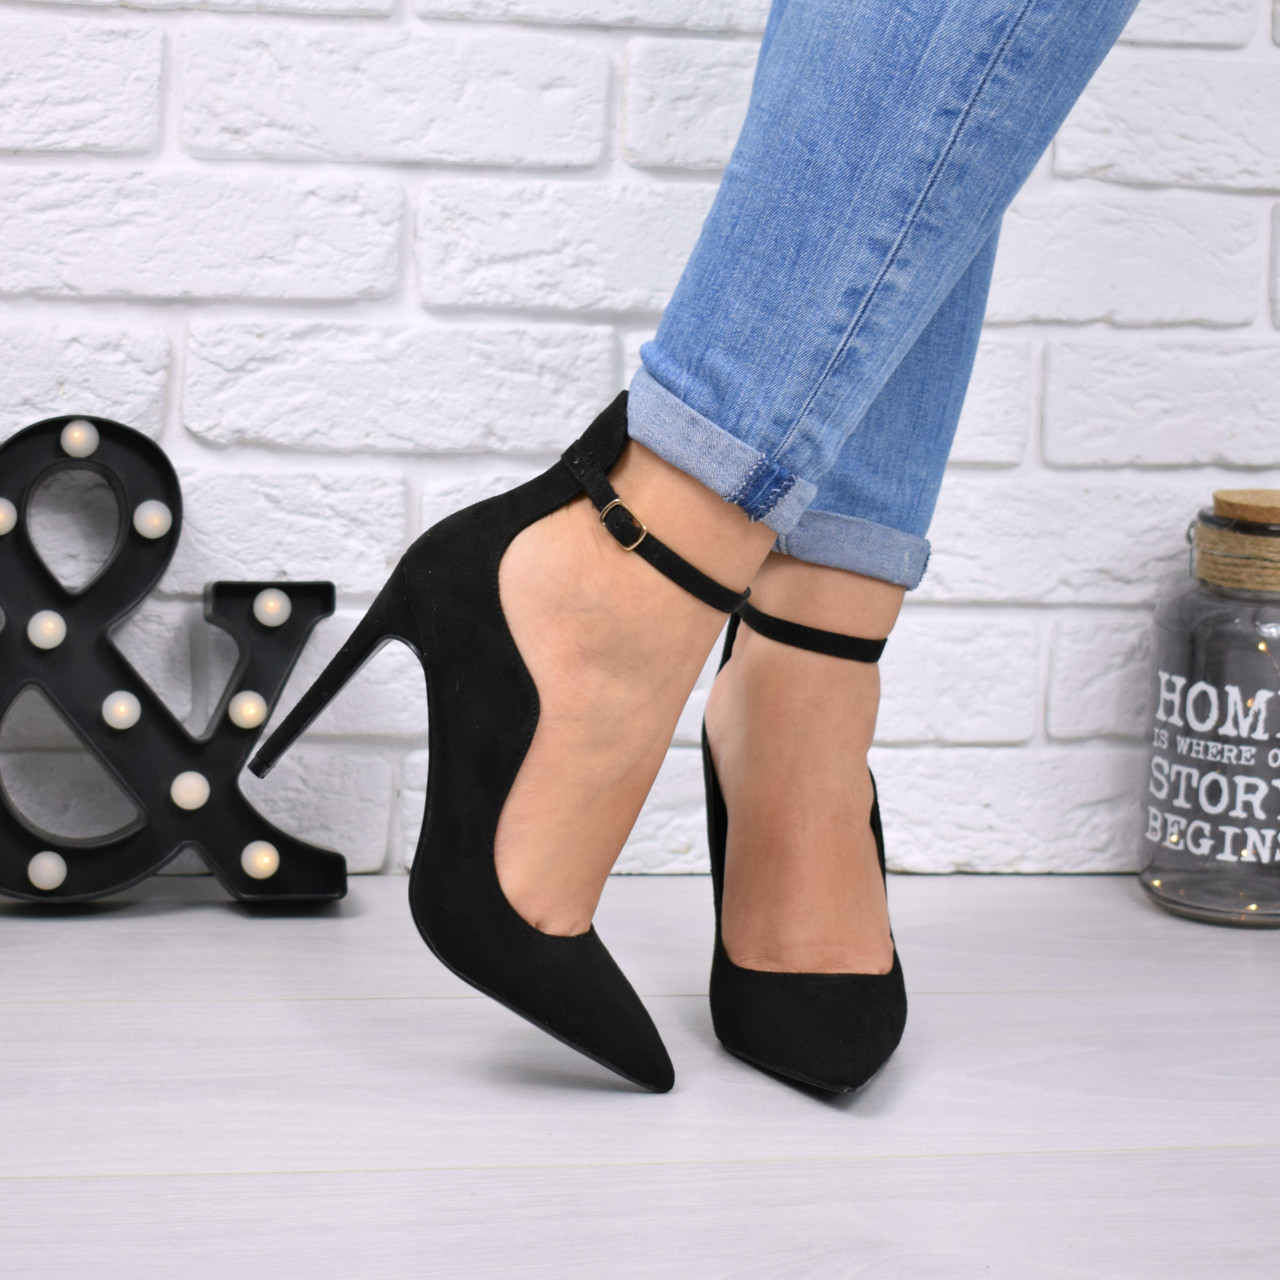 cc4c94b2d199 Туфли женские Bino черные 6339, женская обувь: продажа, цена в ...